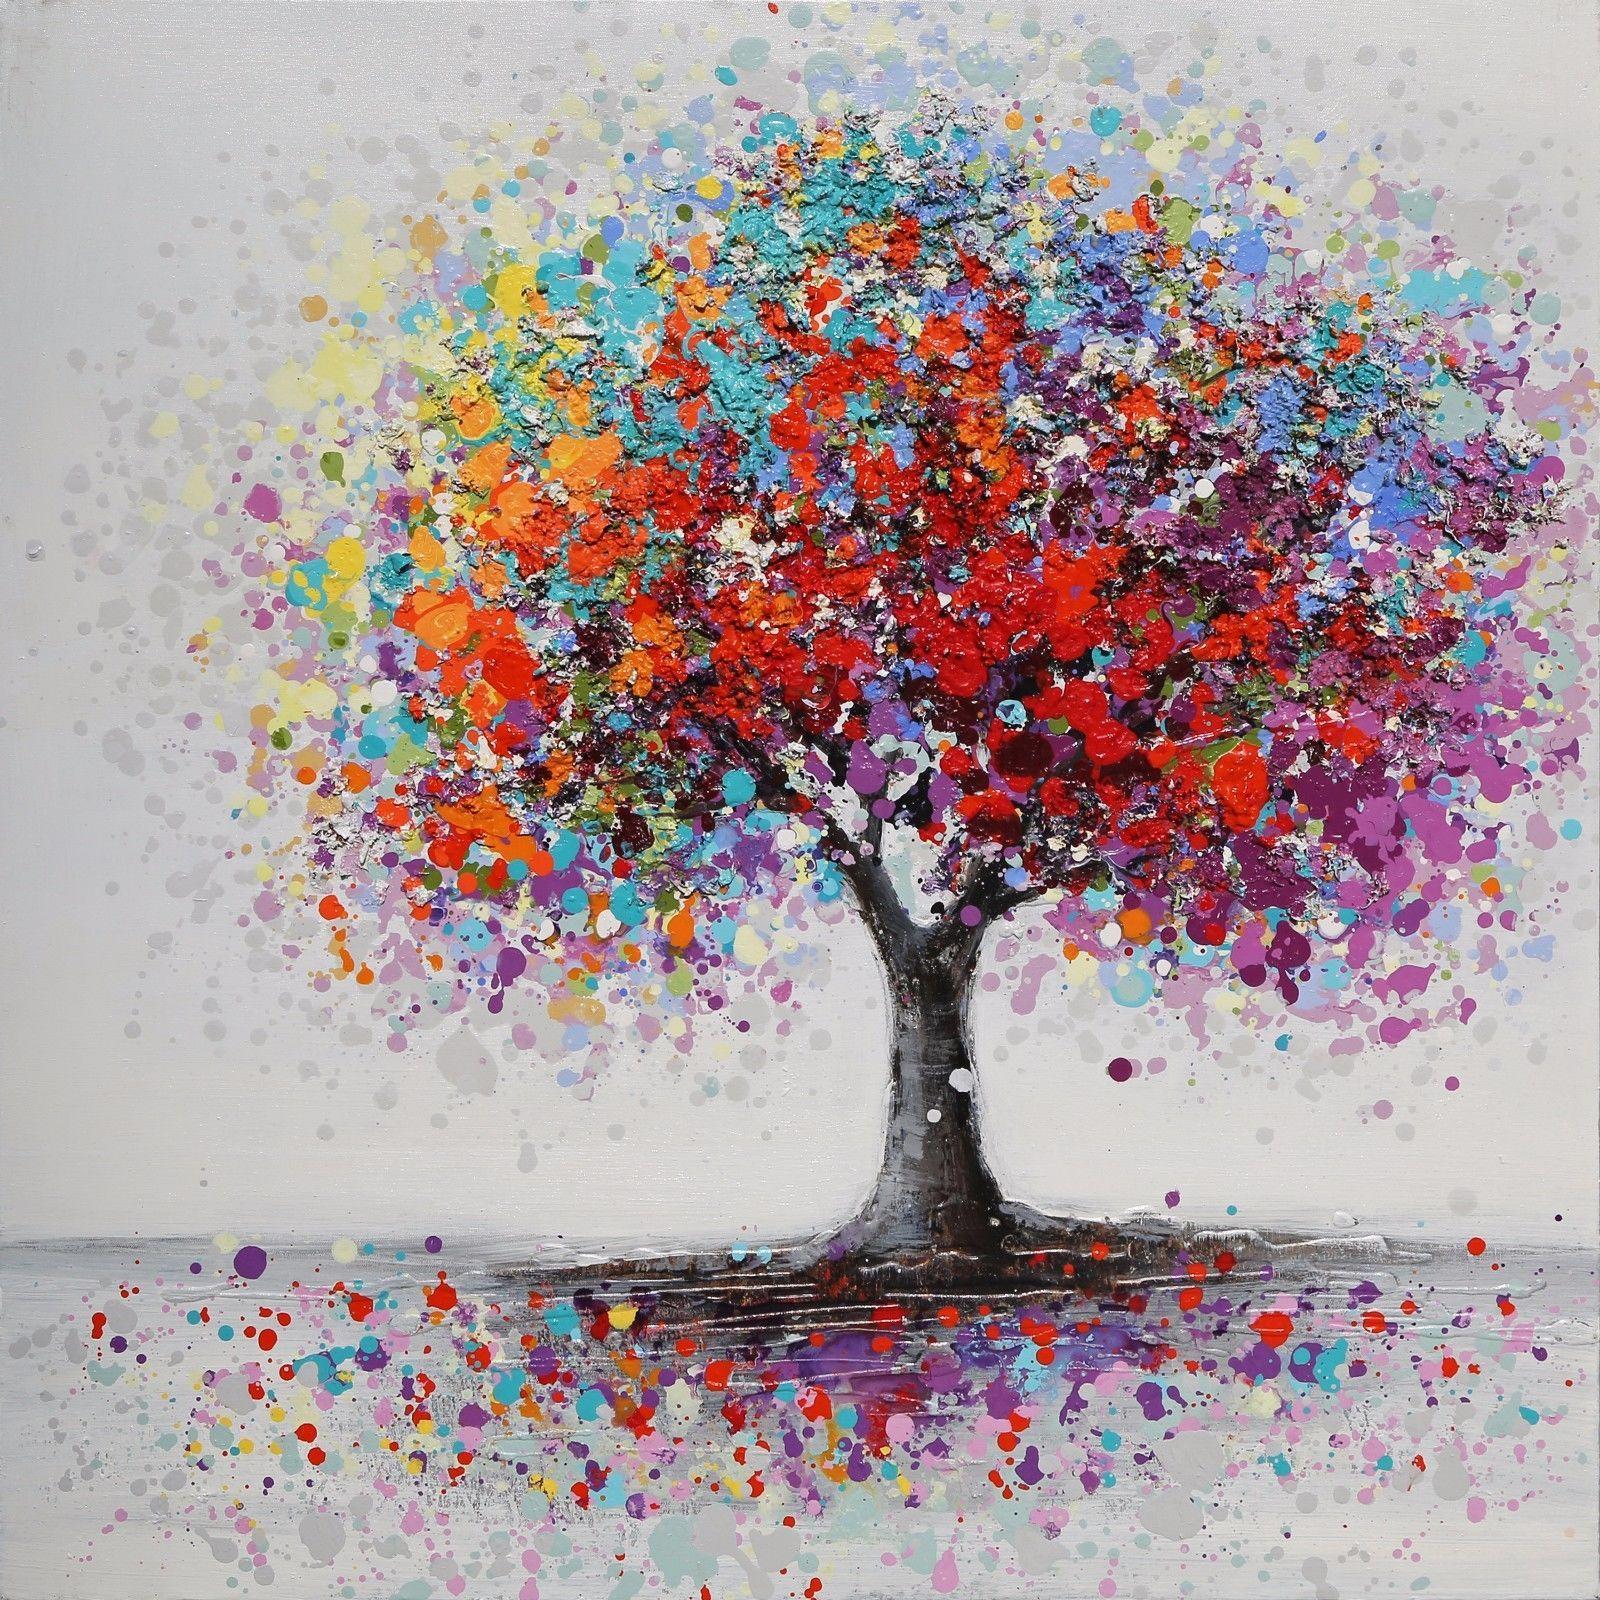 tempsa dessin d 39 ornement motif d 39 arbre color pour maison peinture painting art et crayon art. Black Bedroom Furniture Sets. Home Design Ideas